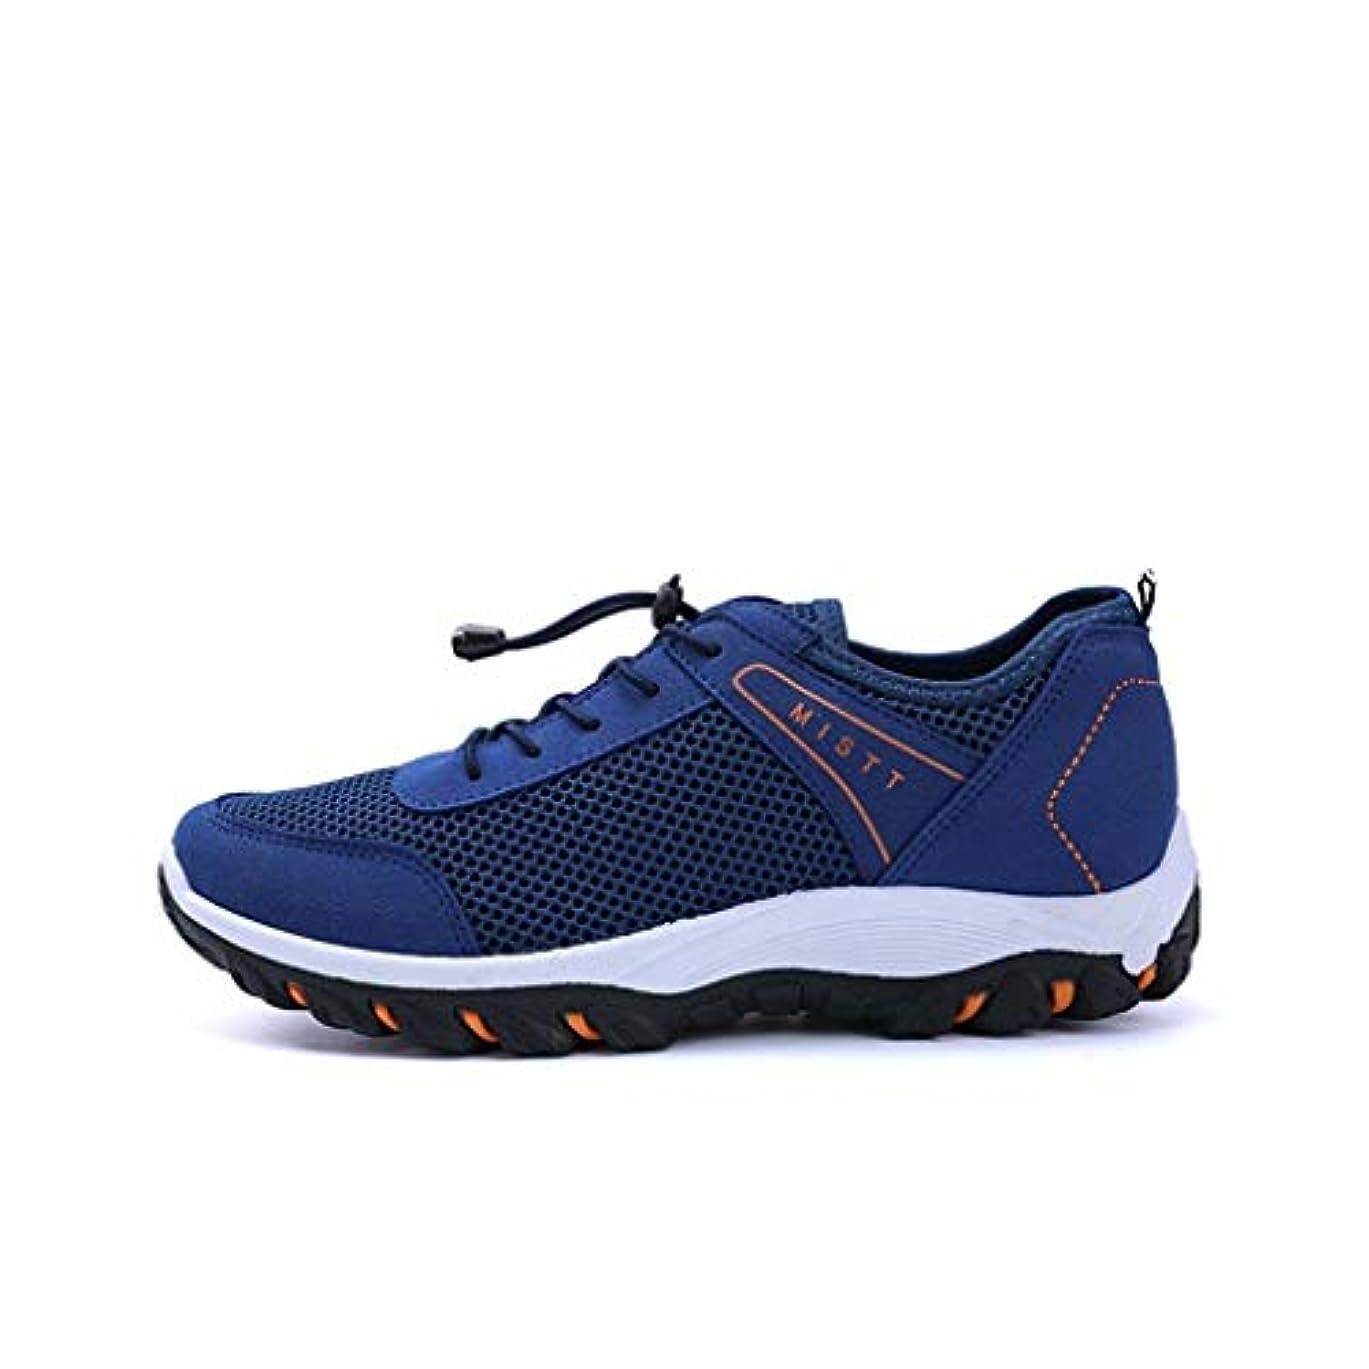 火山学者新年虚偽[SENNIAN] ランニングシューズ スニーカー メンズ ジョギング 運動靴 ウォーキング 登山靴 トレーニングシューズ エアクッション 超軽量 カジュアル 通勤 通学 幅広 通気日常着用 25 cm 26 cm